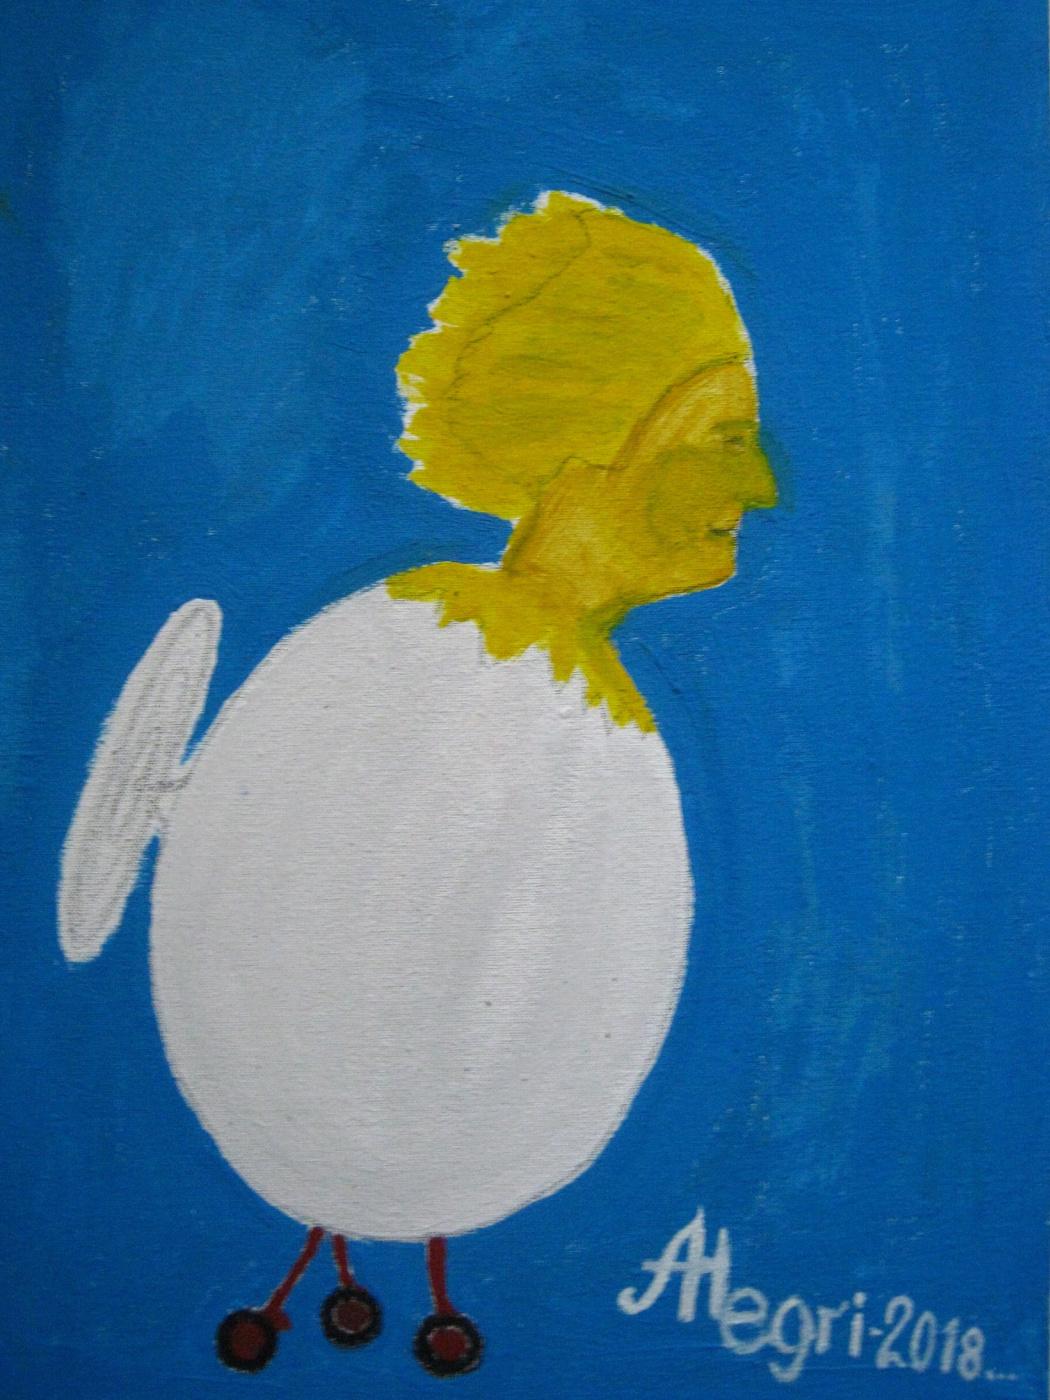 """Алексей Гришанков (Alegri). """"The Valkyrie's Baby Bird"""")"""